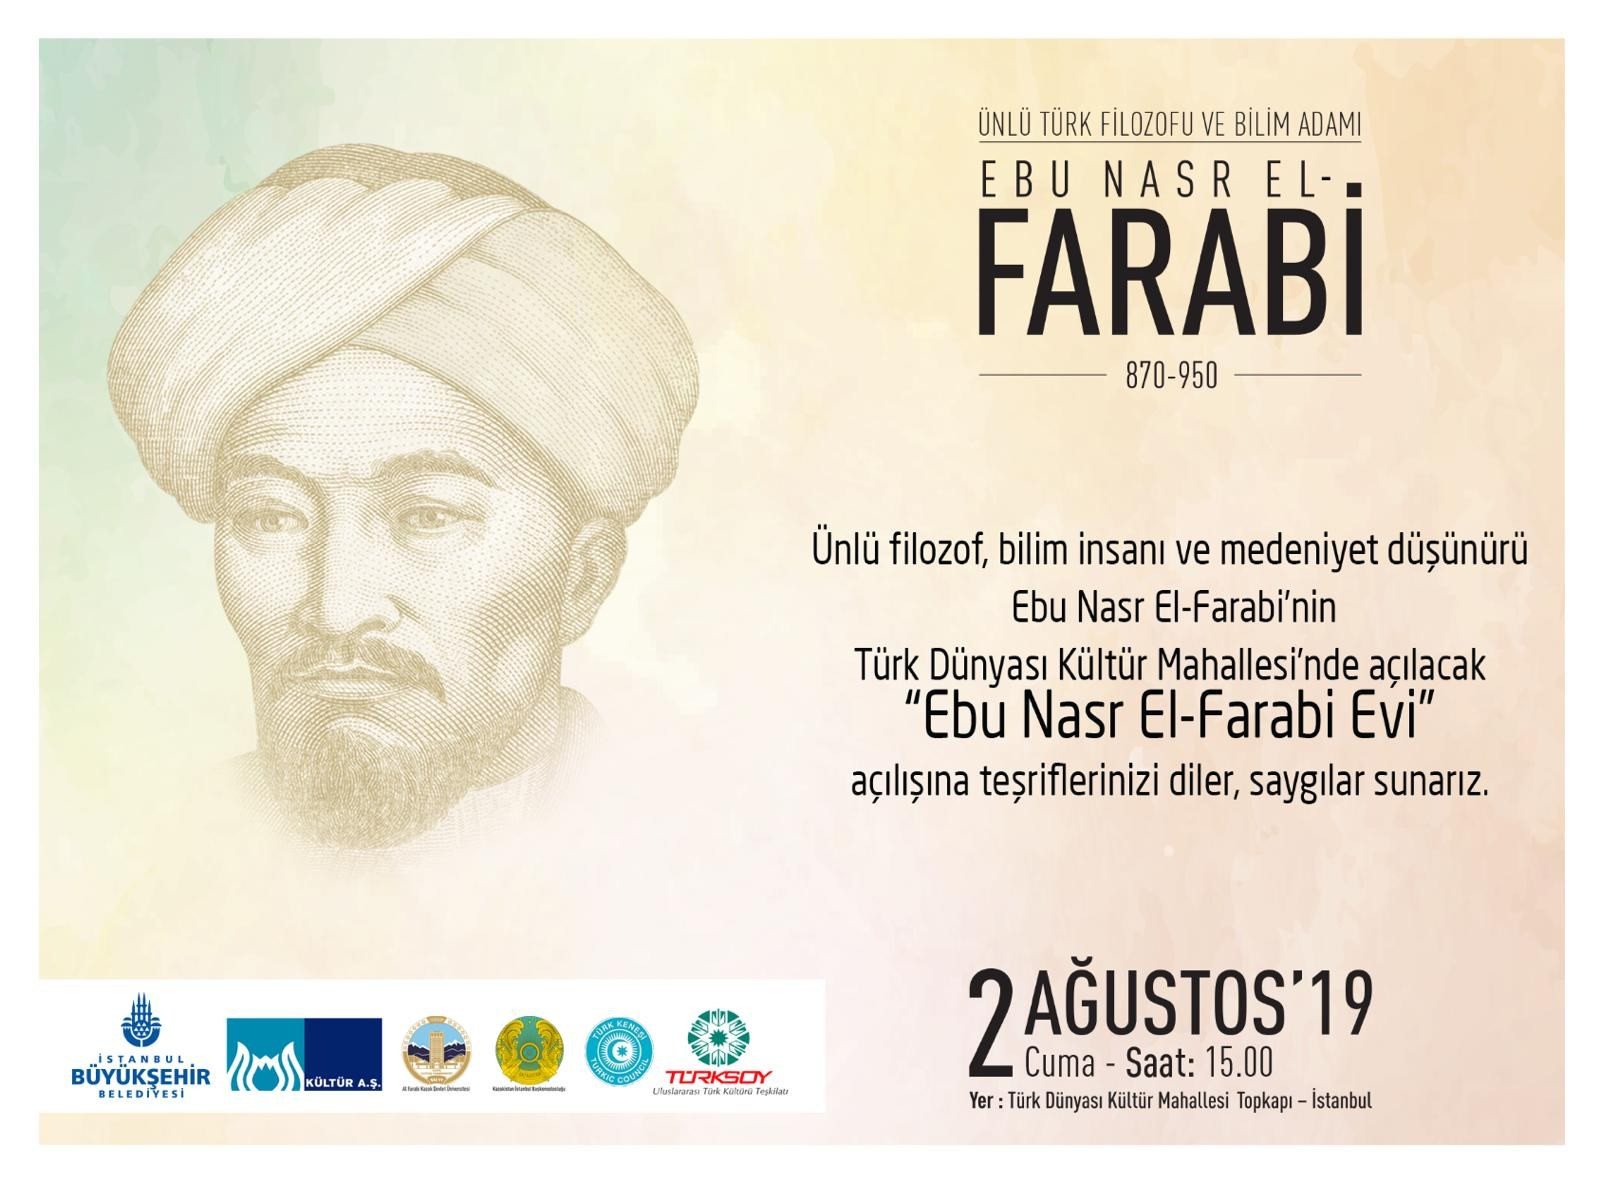 Farabi Kültür Evi açılıyor Galeri - 2. Resim